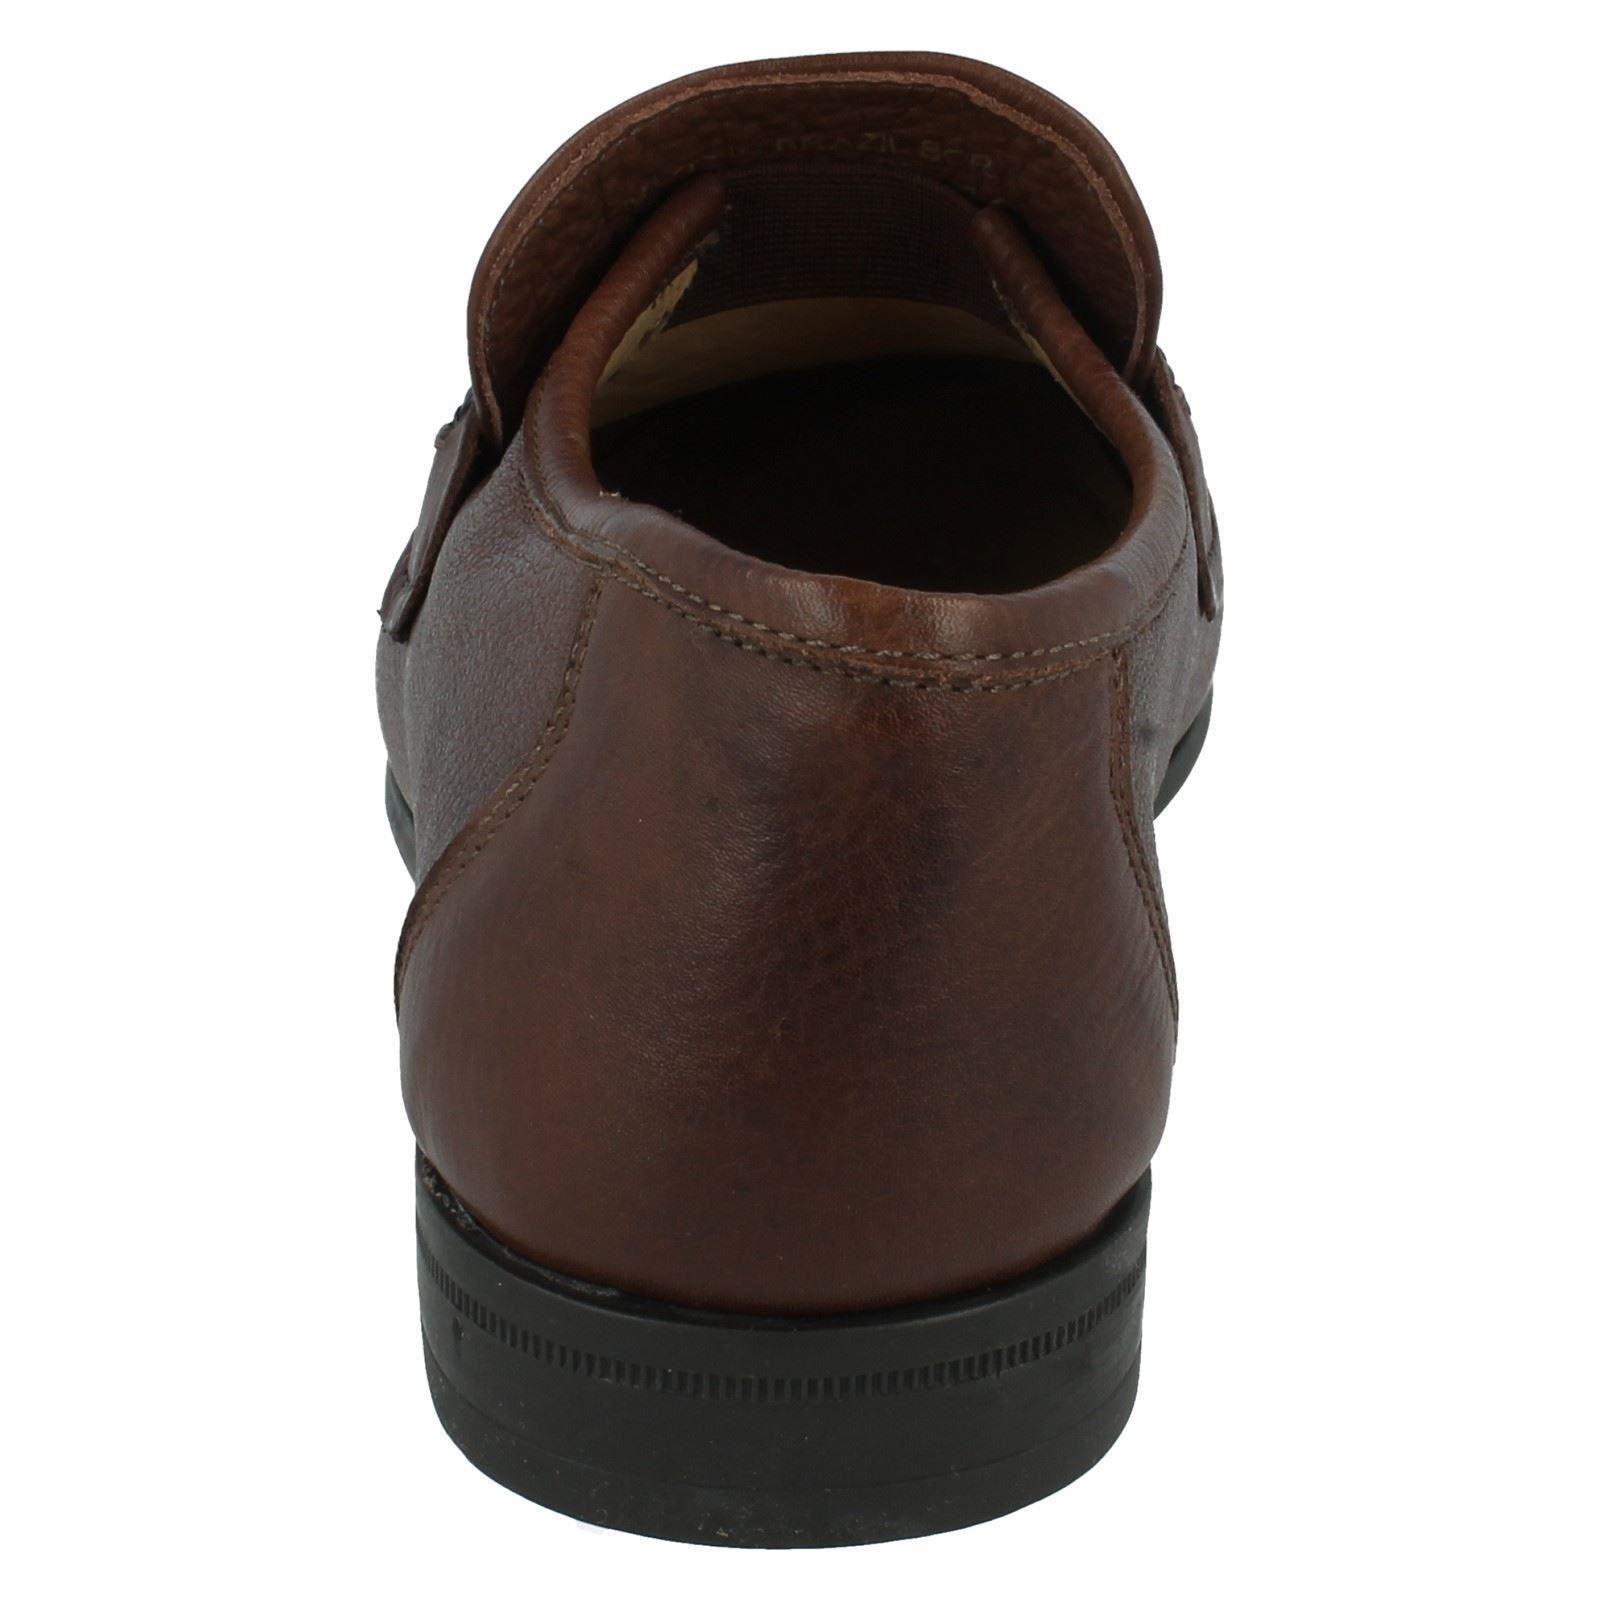 Scarpe casual da uomo  Uomo Gaspar marrone scarpe slip-on da Anatomic & CO